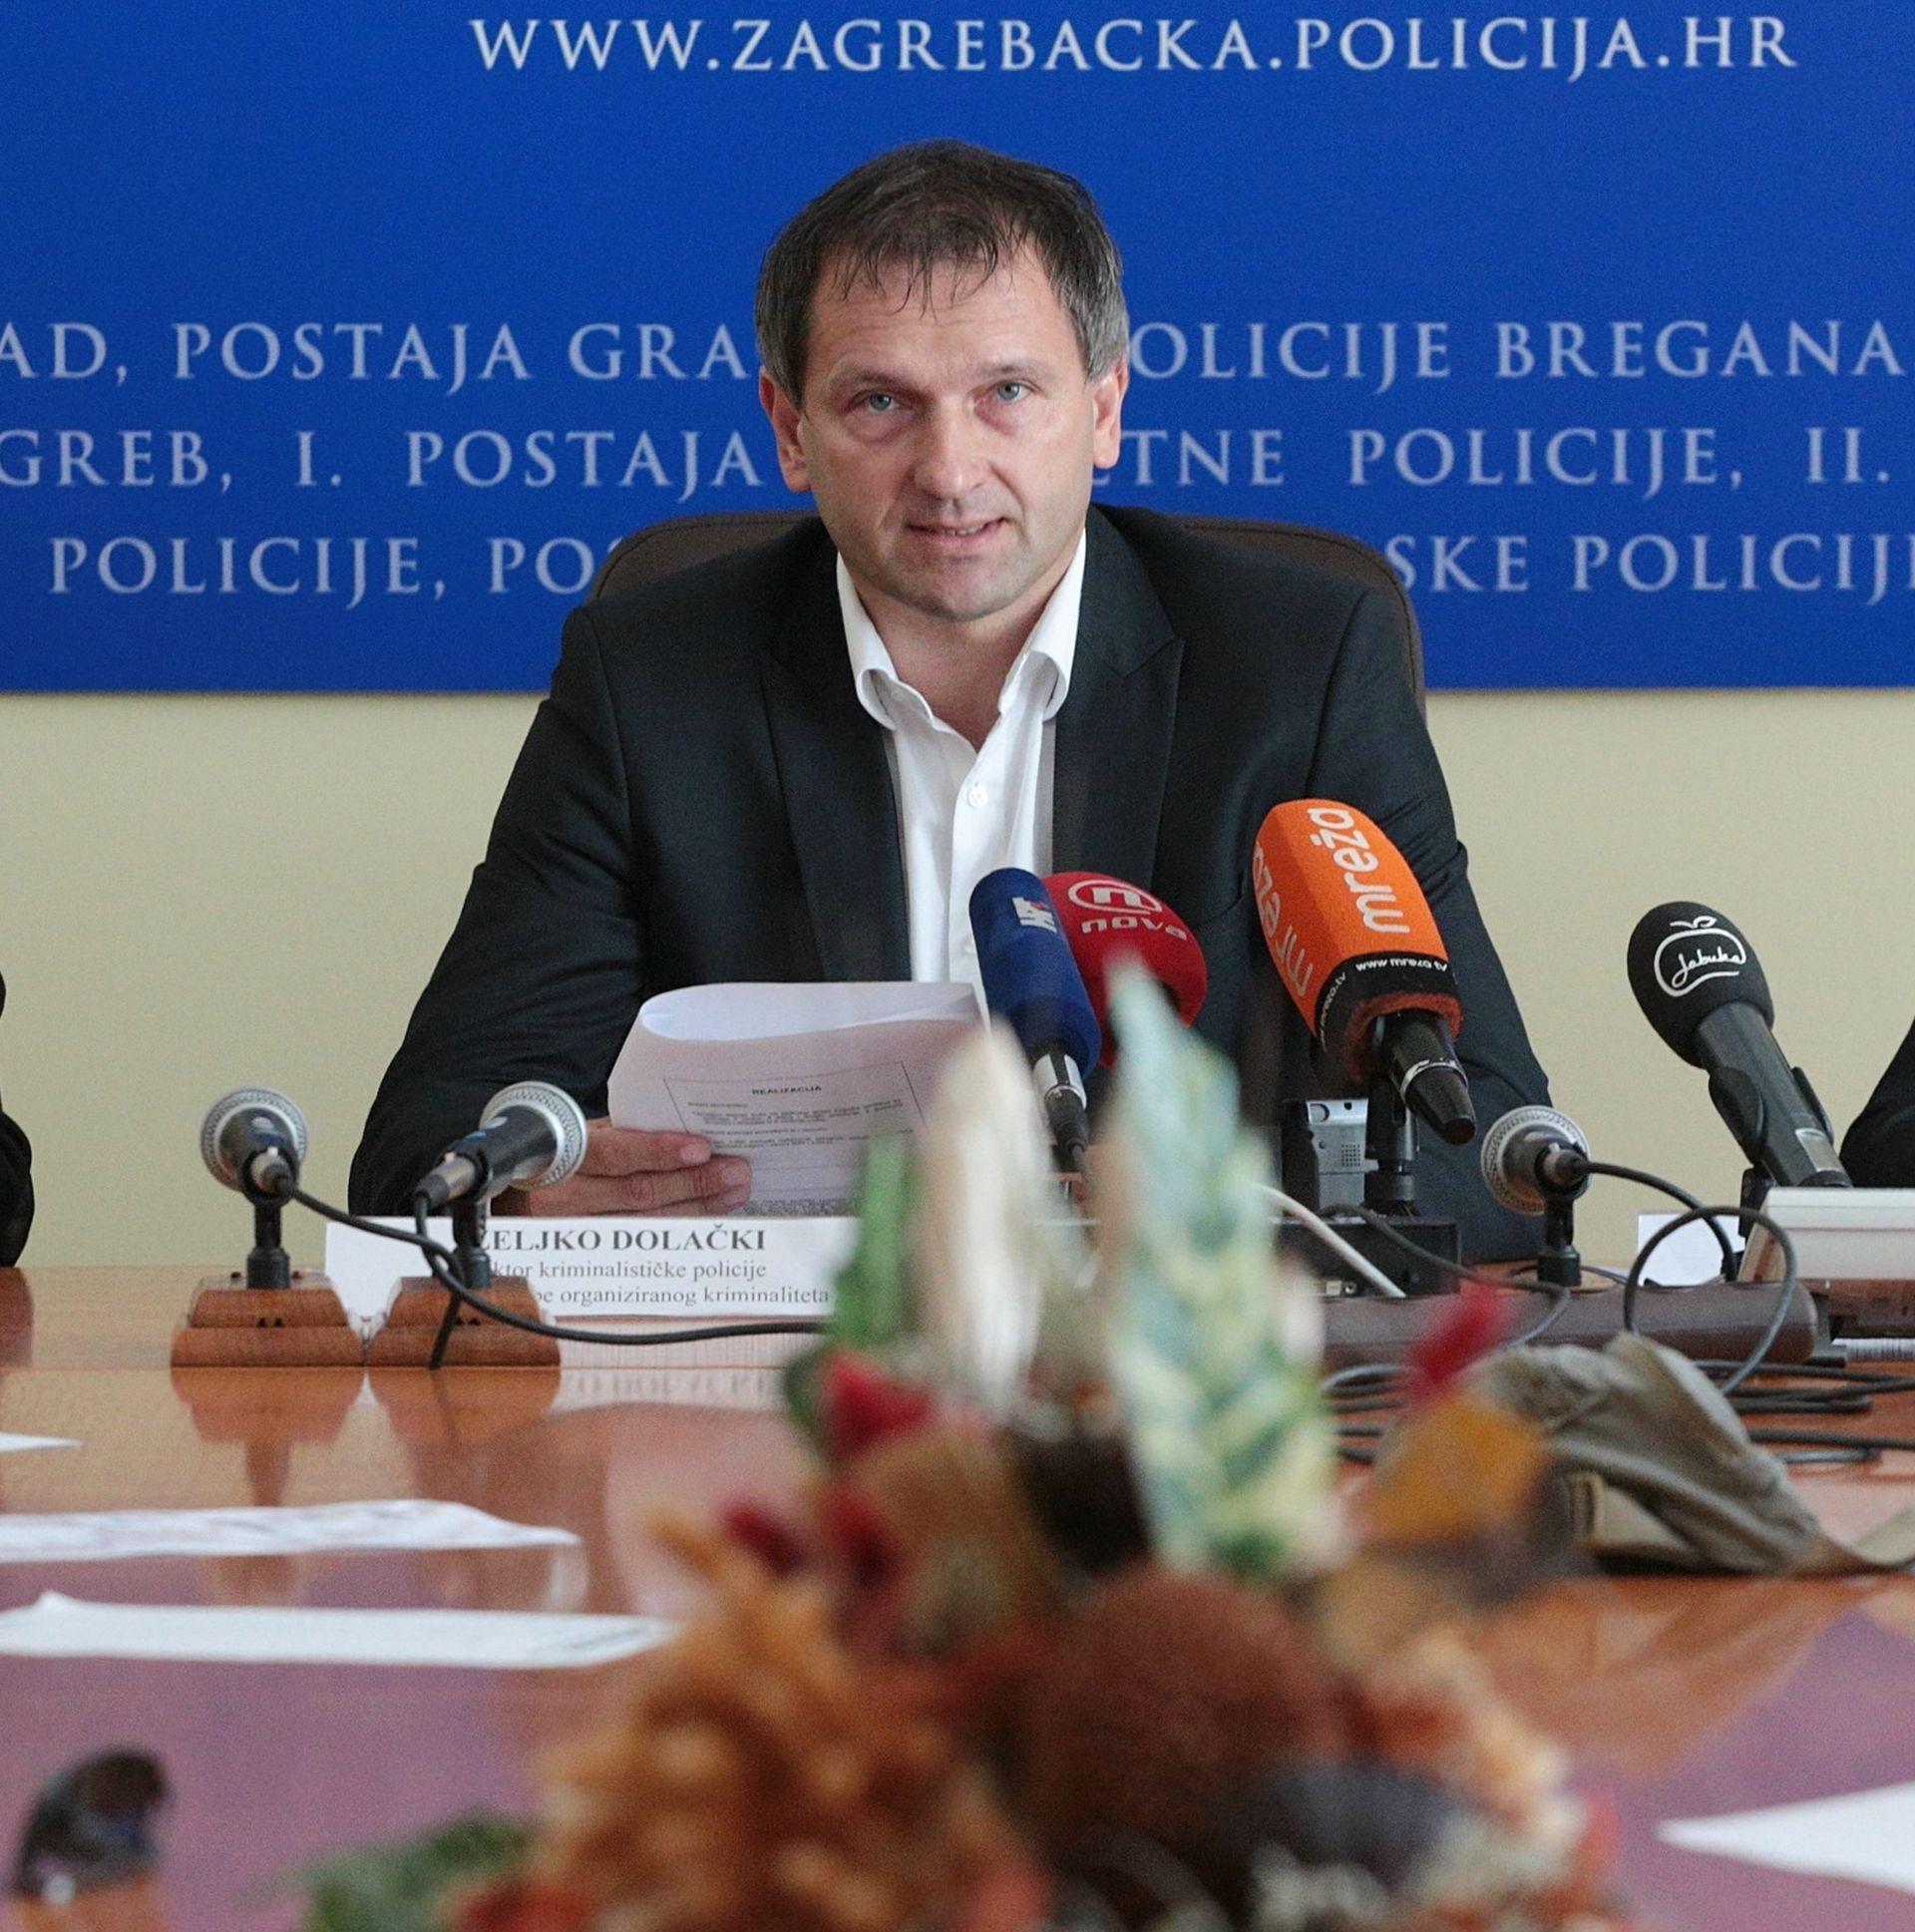 SLUČAJ PLJAČKE U HEINZELOVOJ: Uhićen Željko Dolački, bivši načelnik PUZ-a